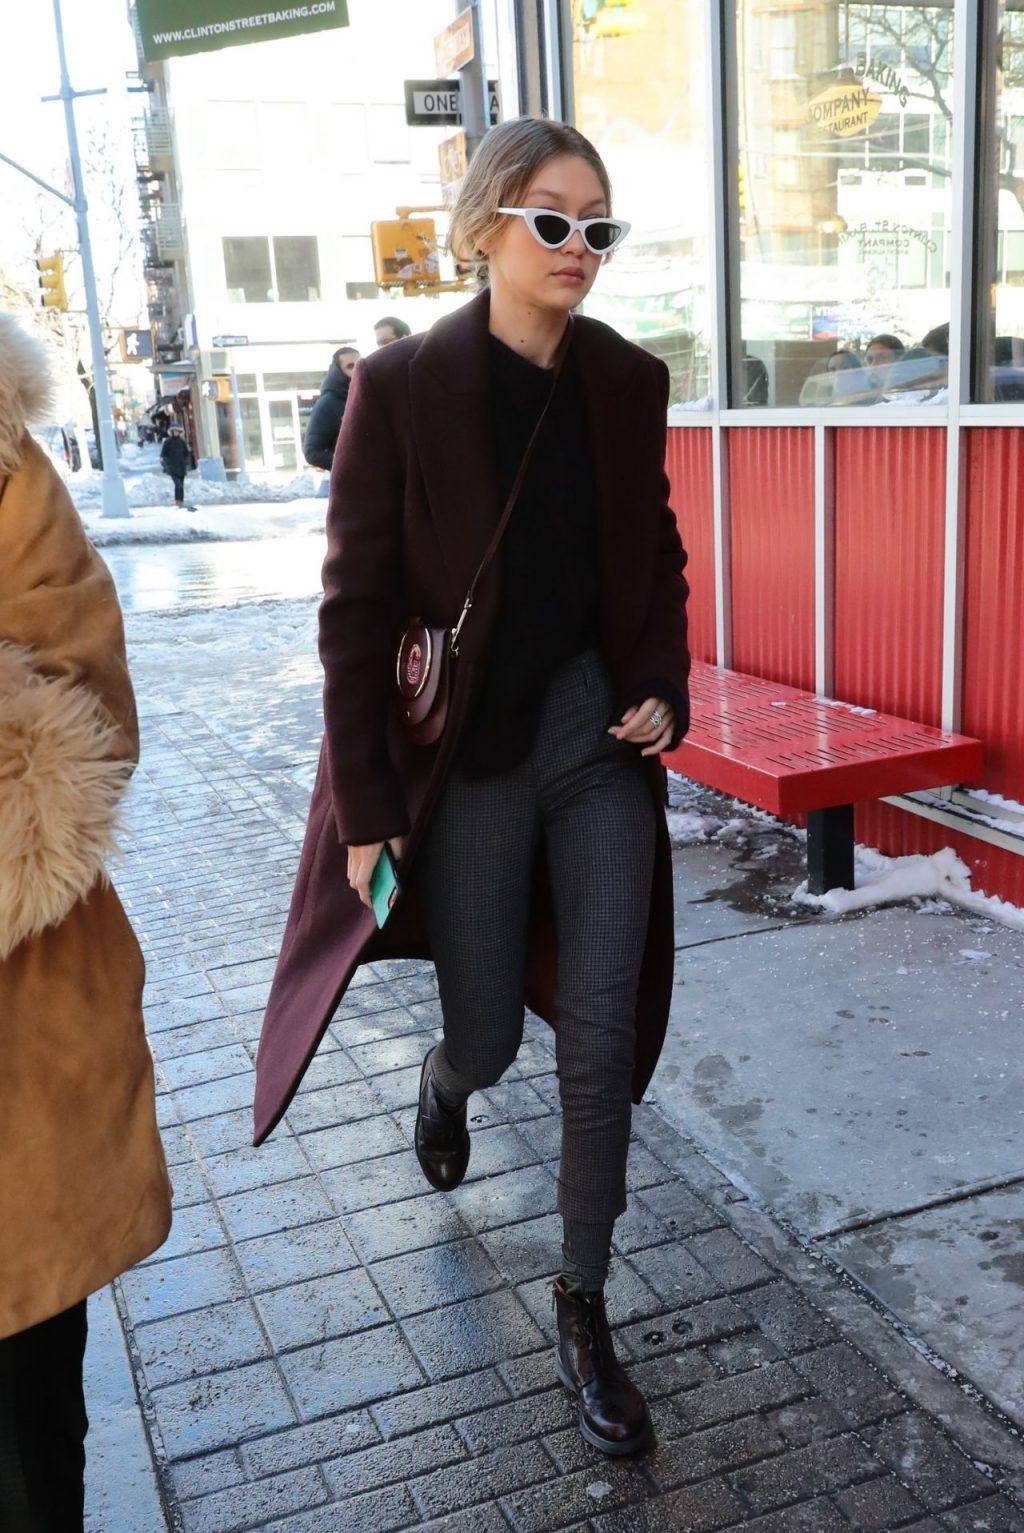 Giá lạnh New York không thể cản bước Gigi Hadid và các chân dài mặc đẹpGiá lạnh New York không thể cản bước Gigi Hadid và các chân dài mặc đẹp